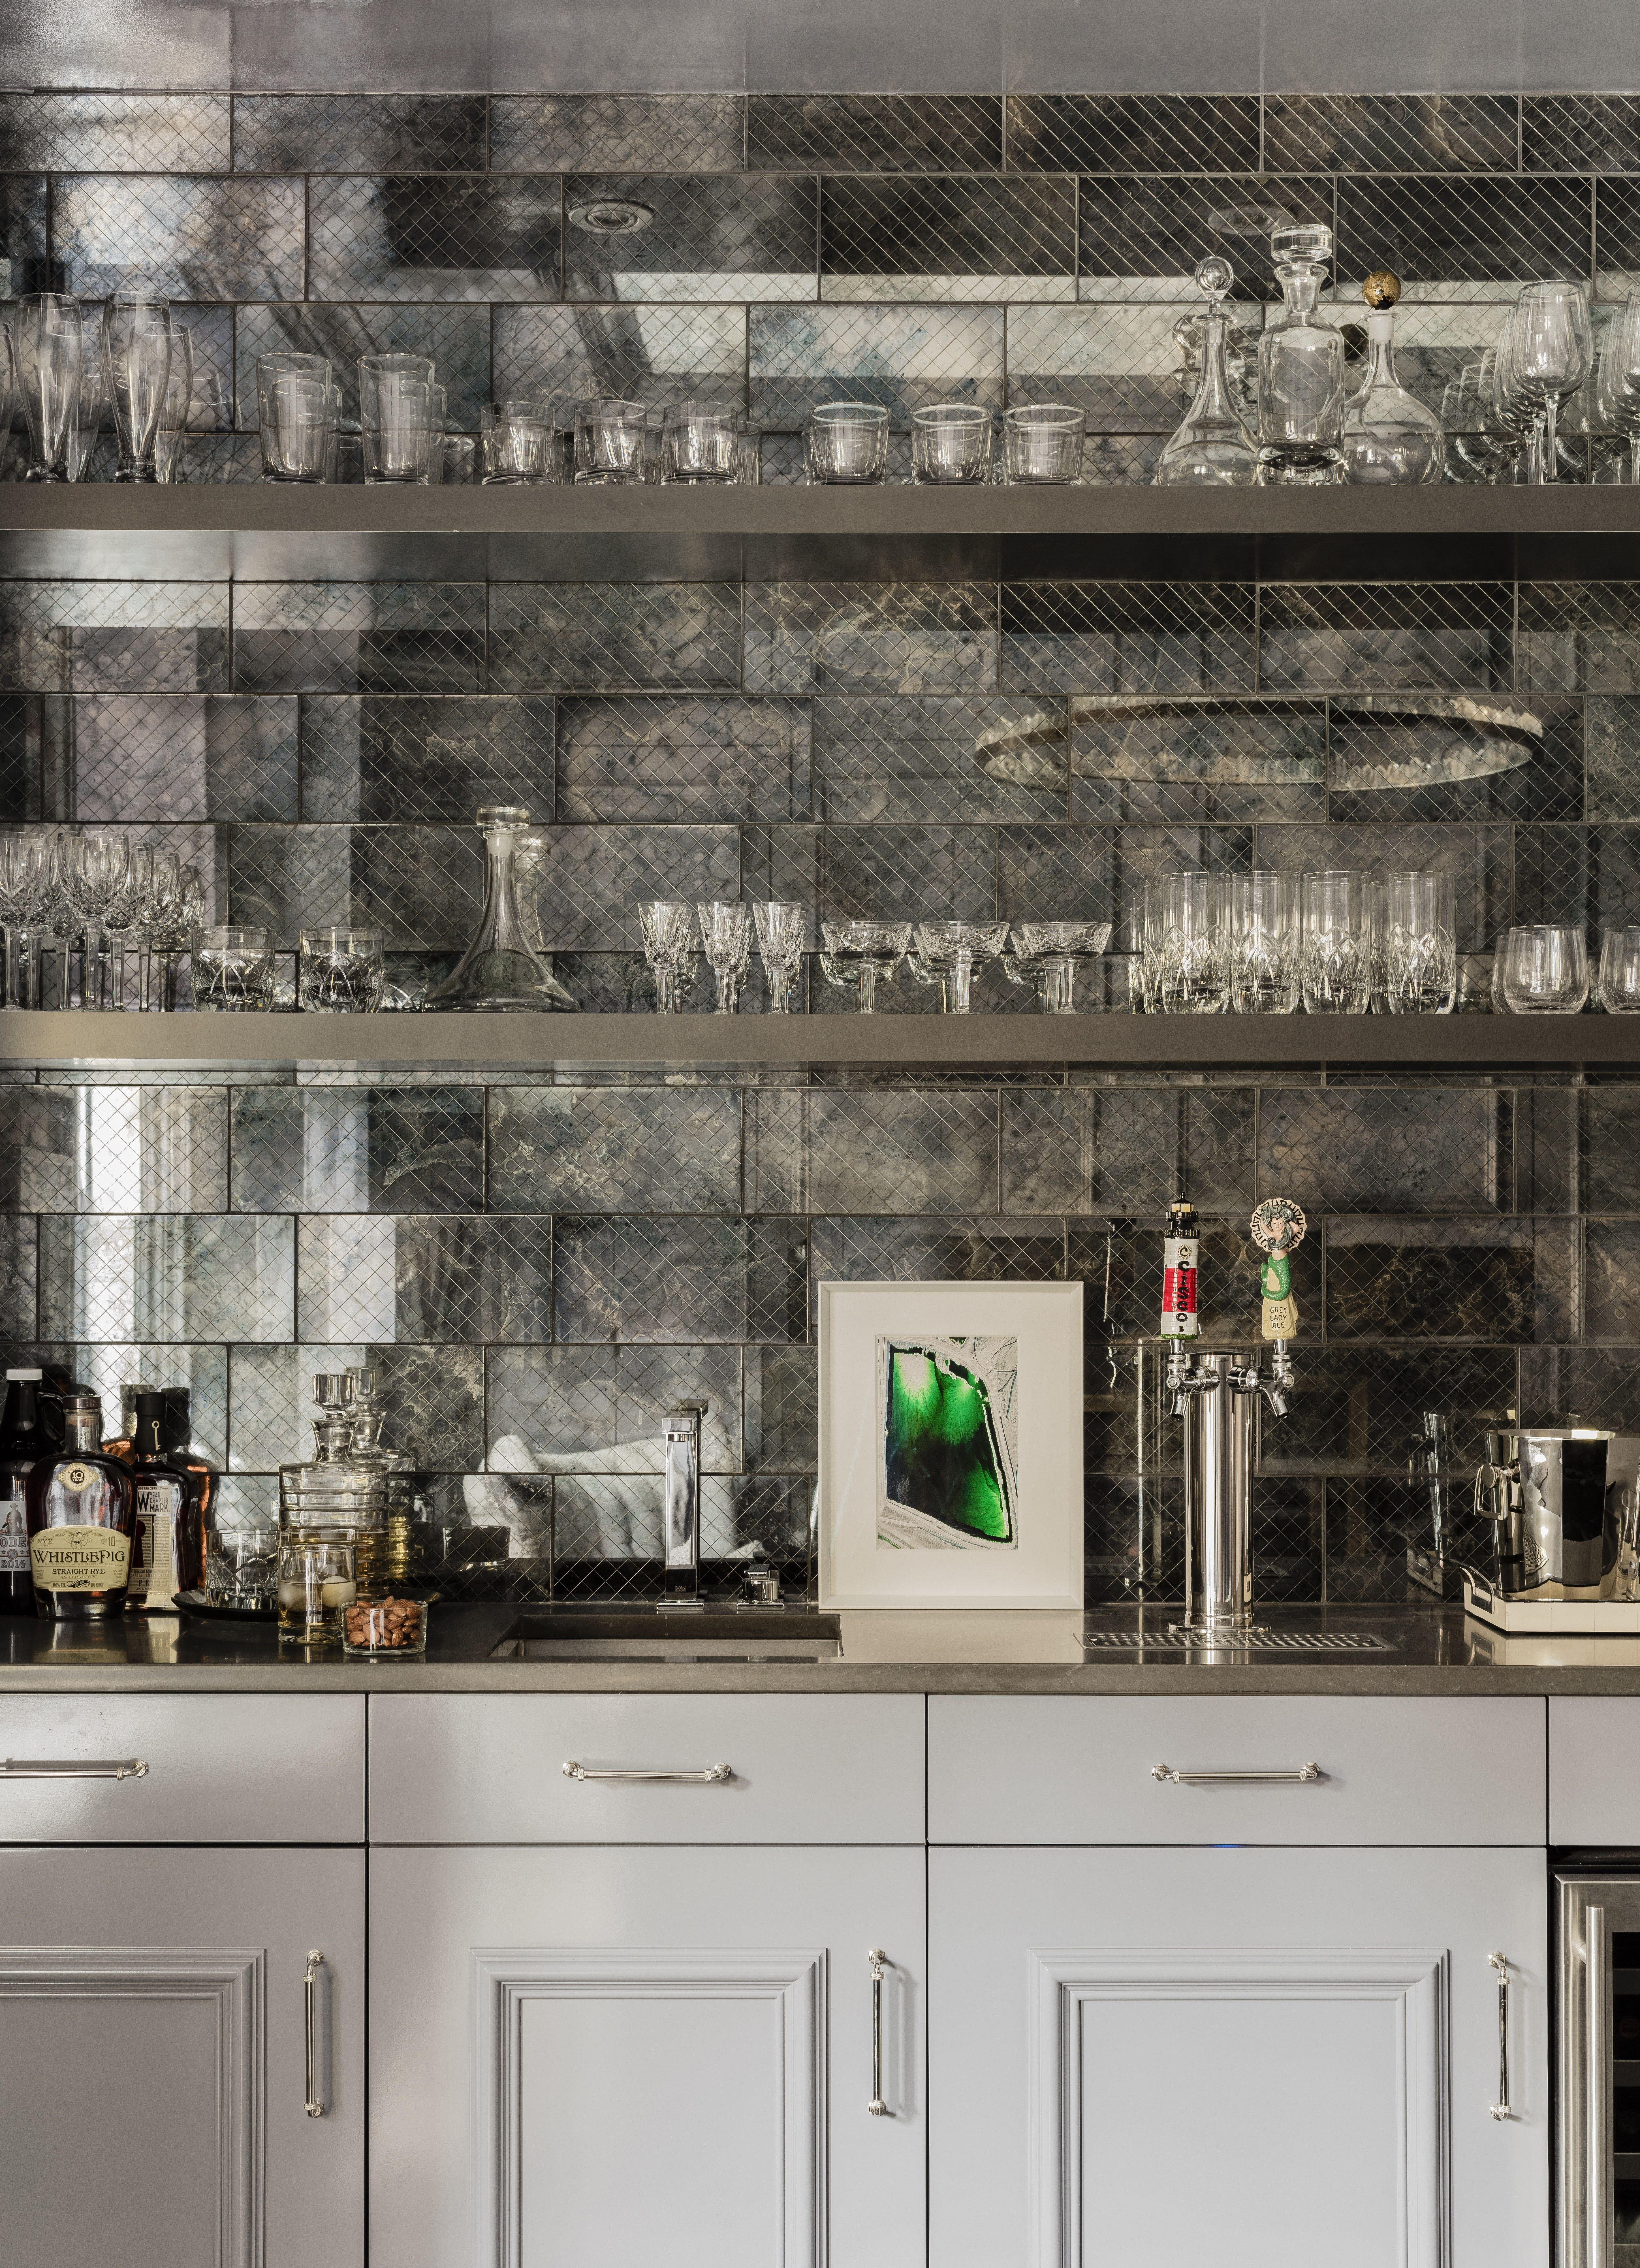 - Beacon Street Residence, Wet Bar By Elms Interior Design